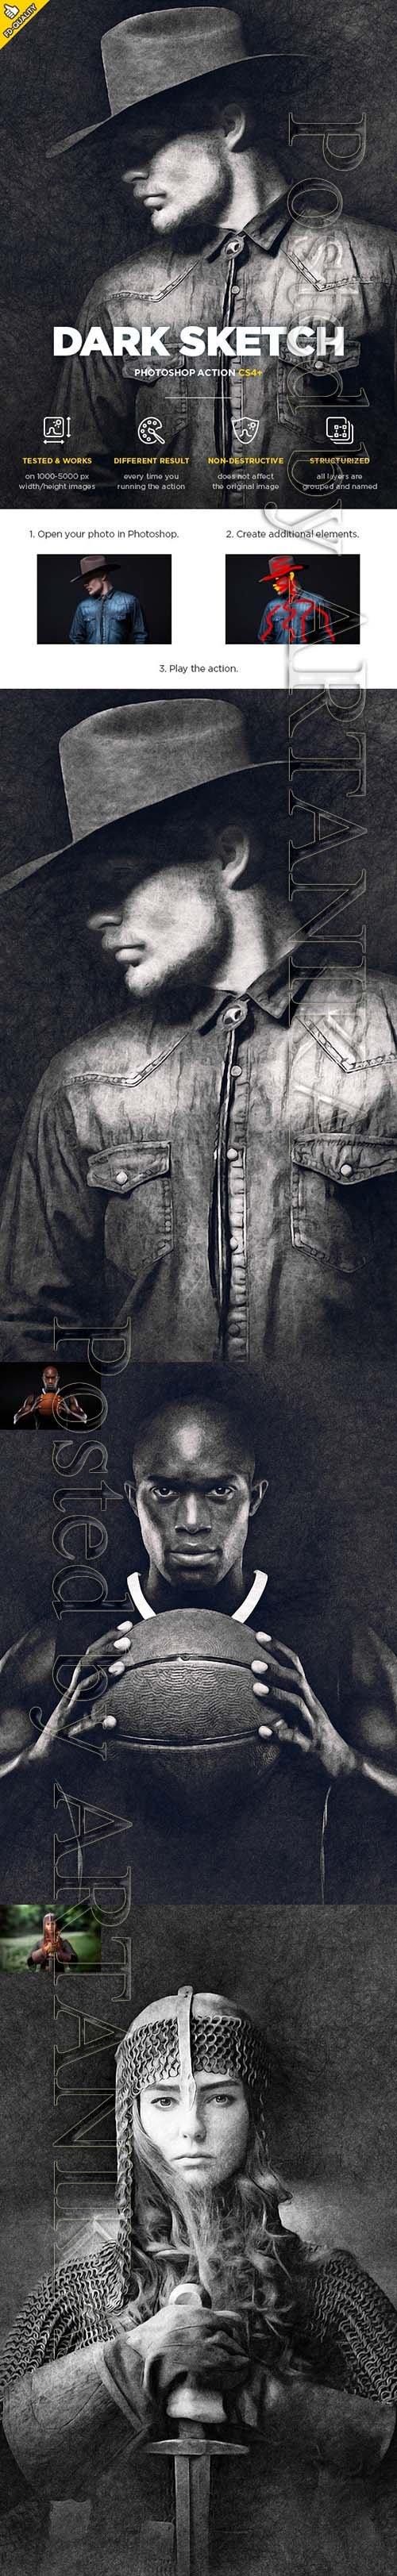 Dark Sketch CS4+ Photoshop Action 21587324